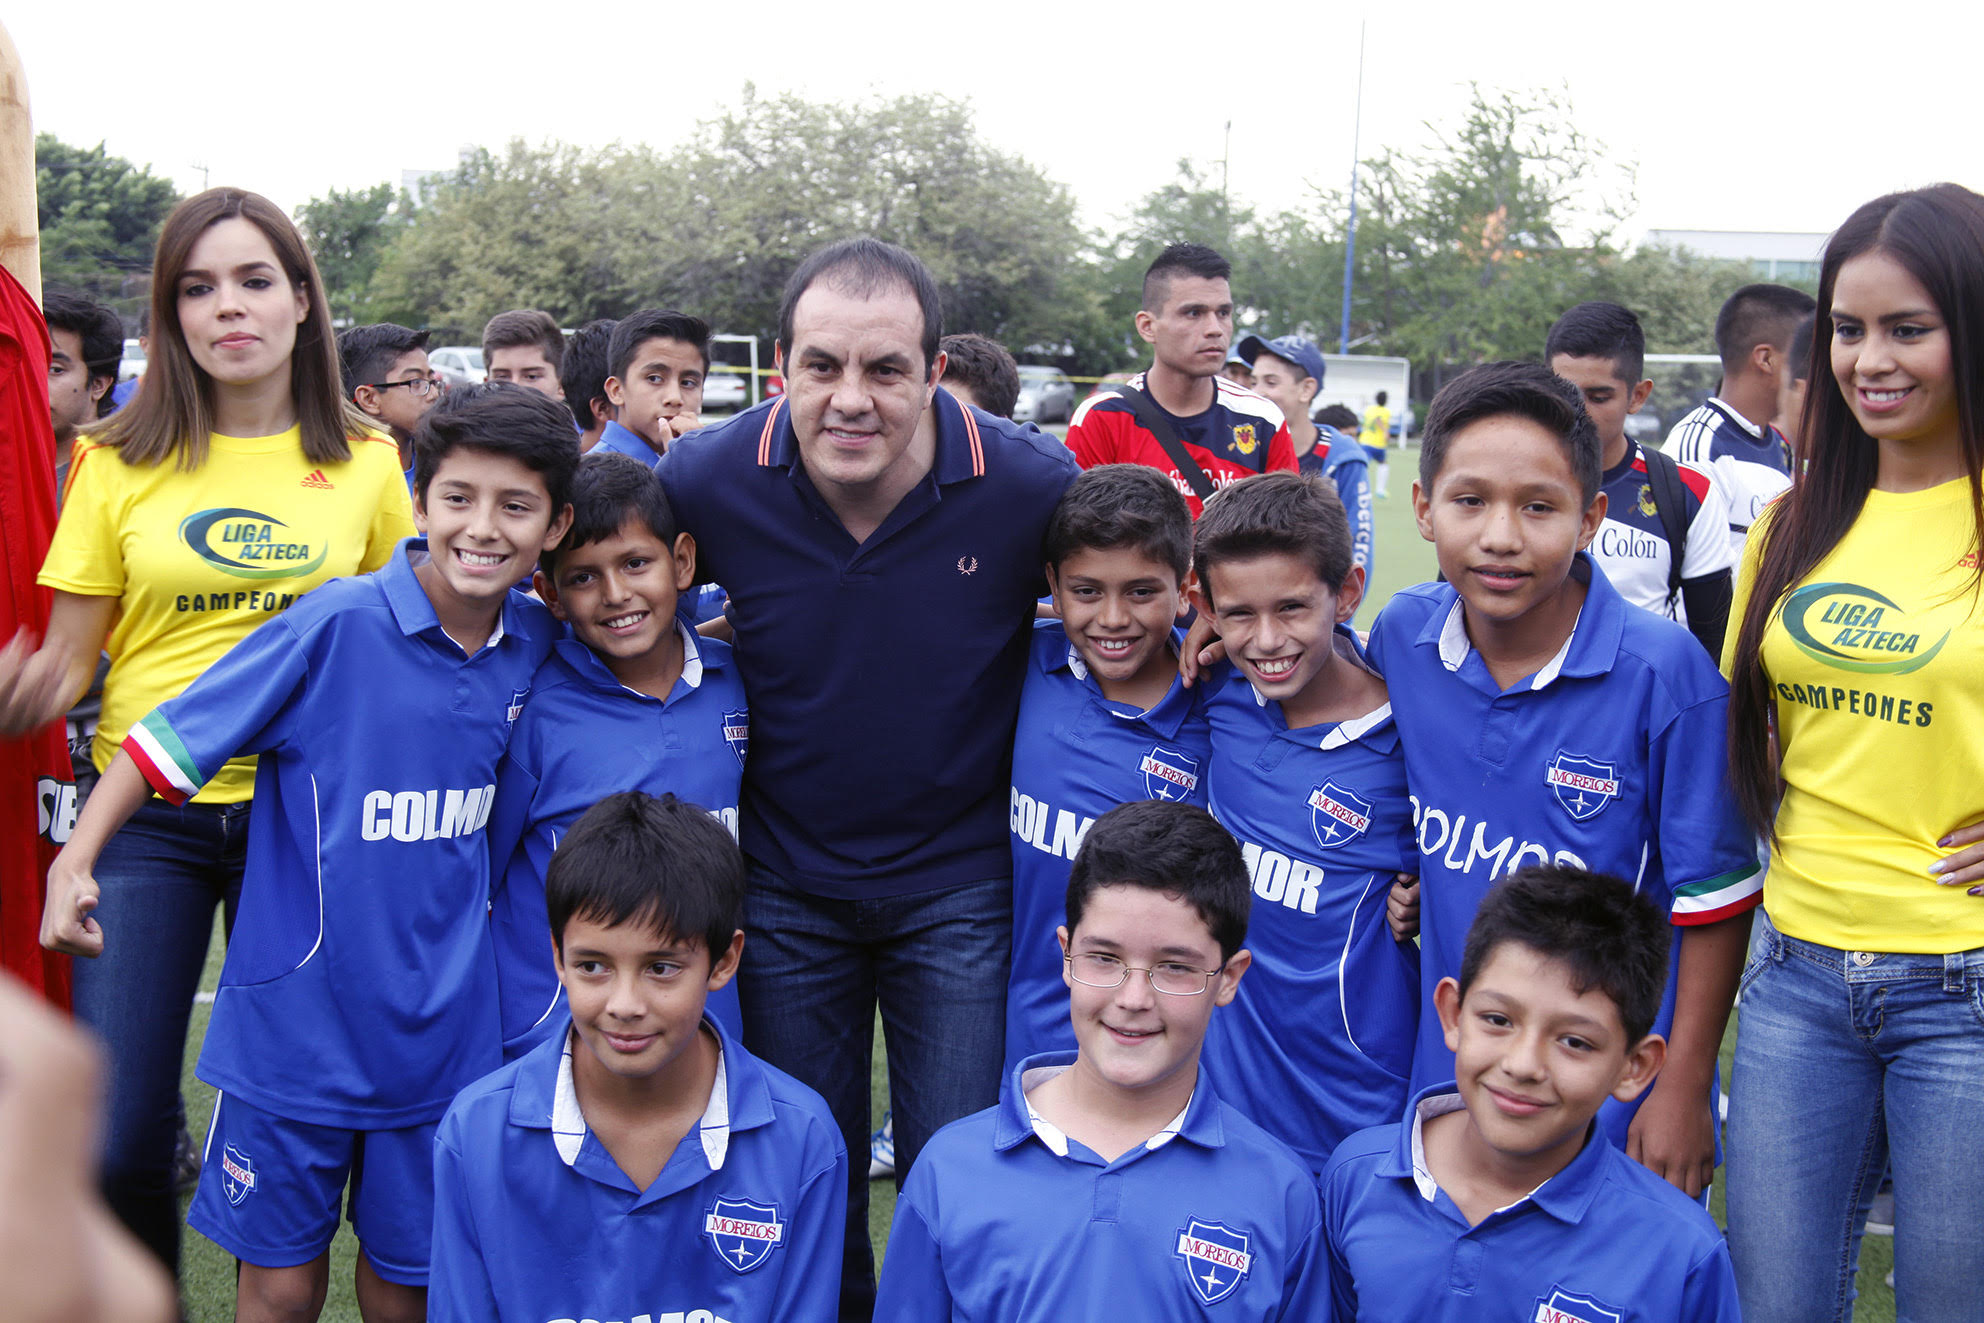 Cuernavaca y el deporte - territorio de ganadores